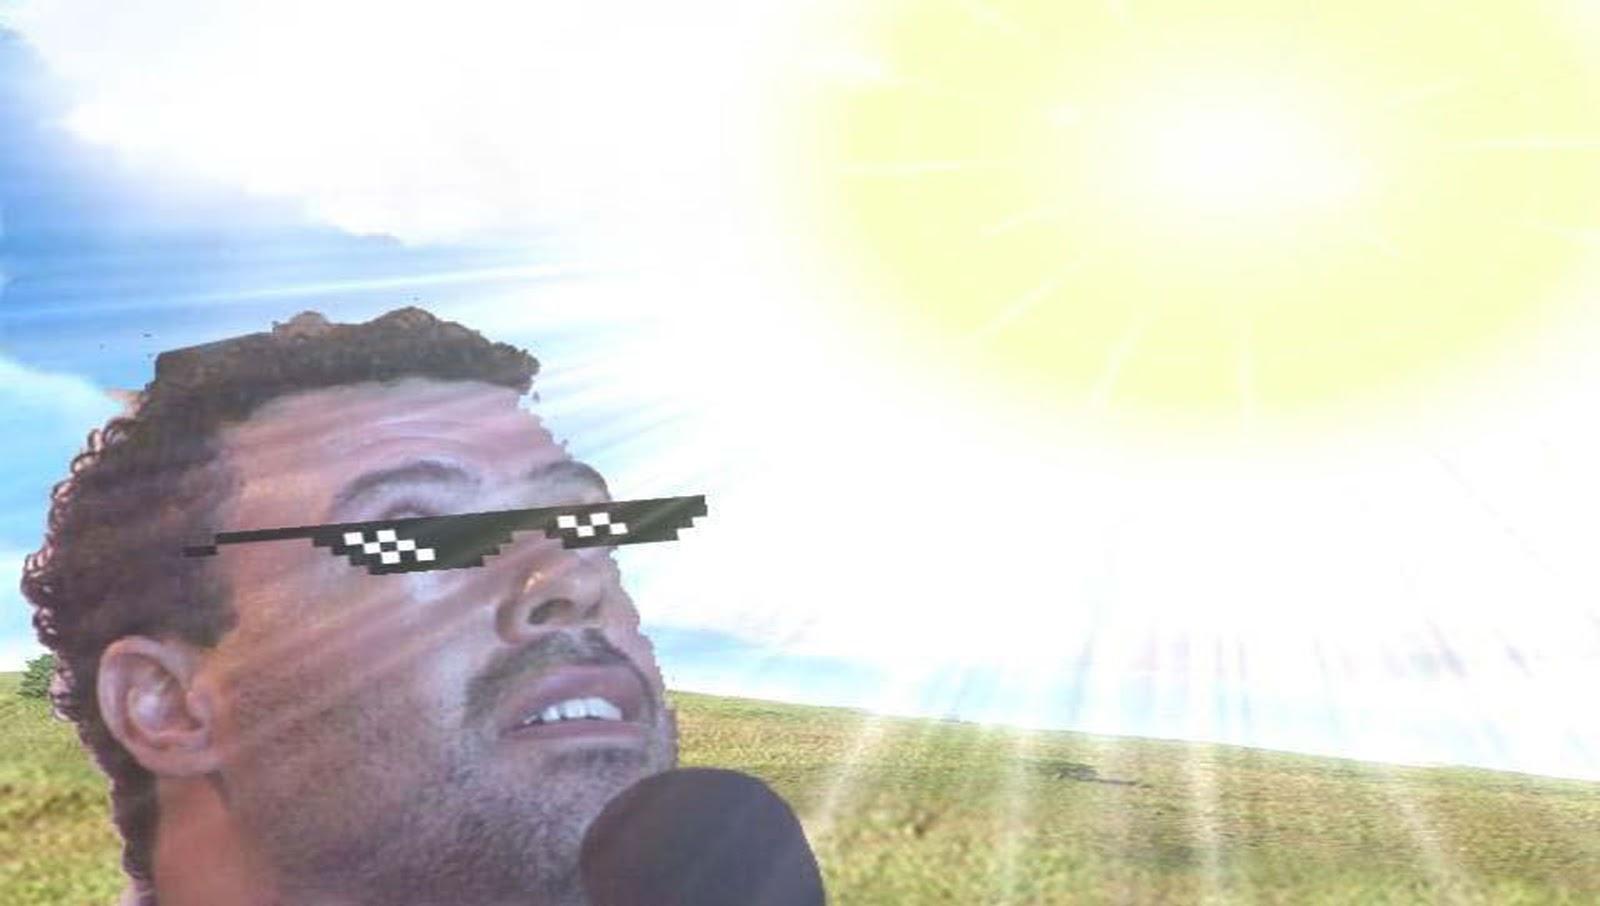 RAINHA MENSAGEIRA,  marquinho vidente, mensageira,jacareiencantado.com . comunista, simonia, Westrupp, vidente ,marquinho,photoshop, Evelin,seita .mensageira,sinal, André Santos,photoshop, excomunhao,simonia, jacareiencantado,verdadeira farsa,indignant